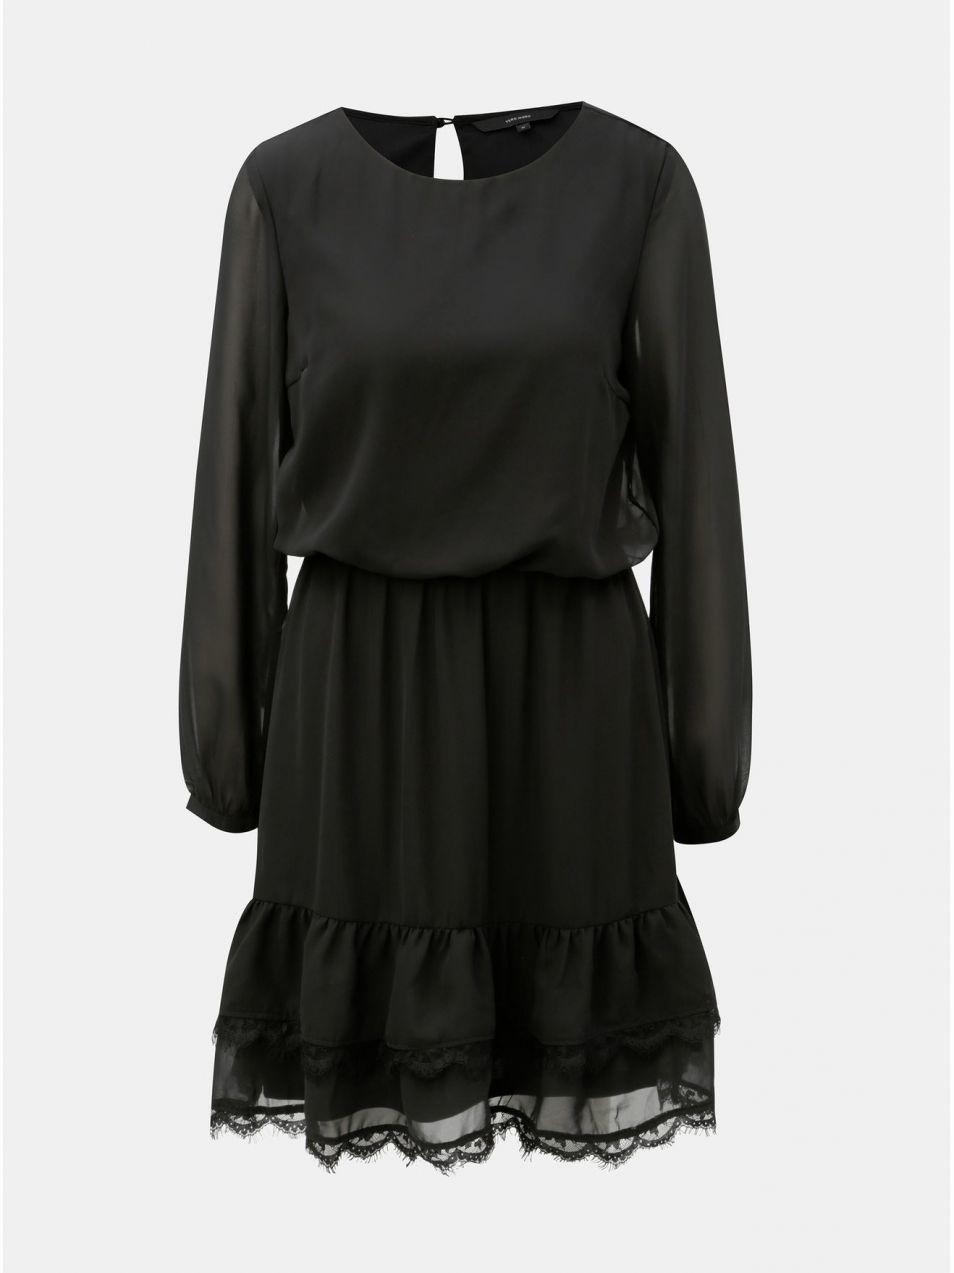 8dc3d05a2a27 Čierne šaty s dlhým rukávom a čipkovanými detailmi VERO MODA značky ...